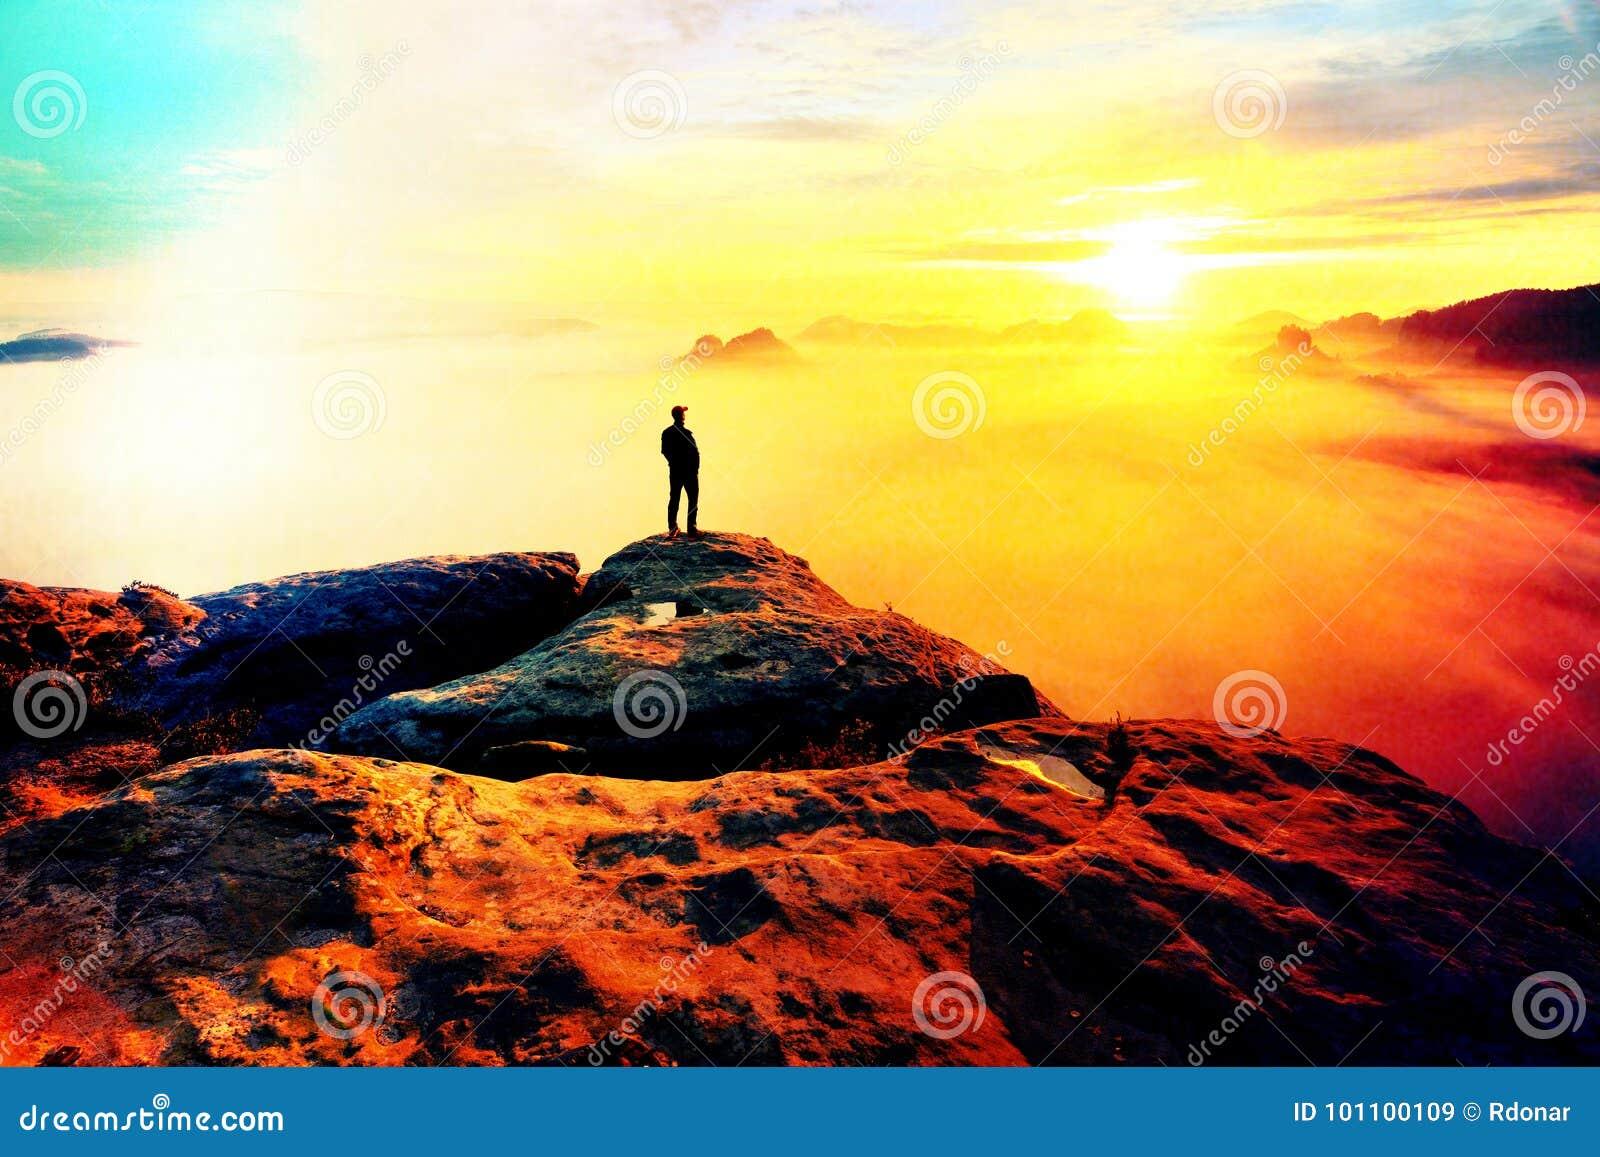 Defeito da lente Caminhante na extremidade da rocha acima do vale Equipe o relógio sobre o vale enevoado e outonal da manhã